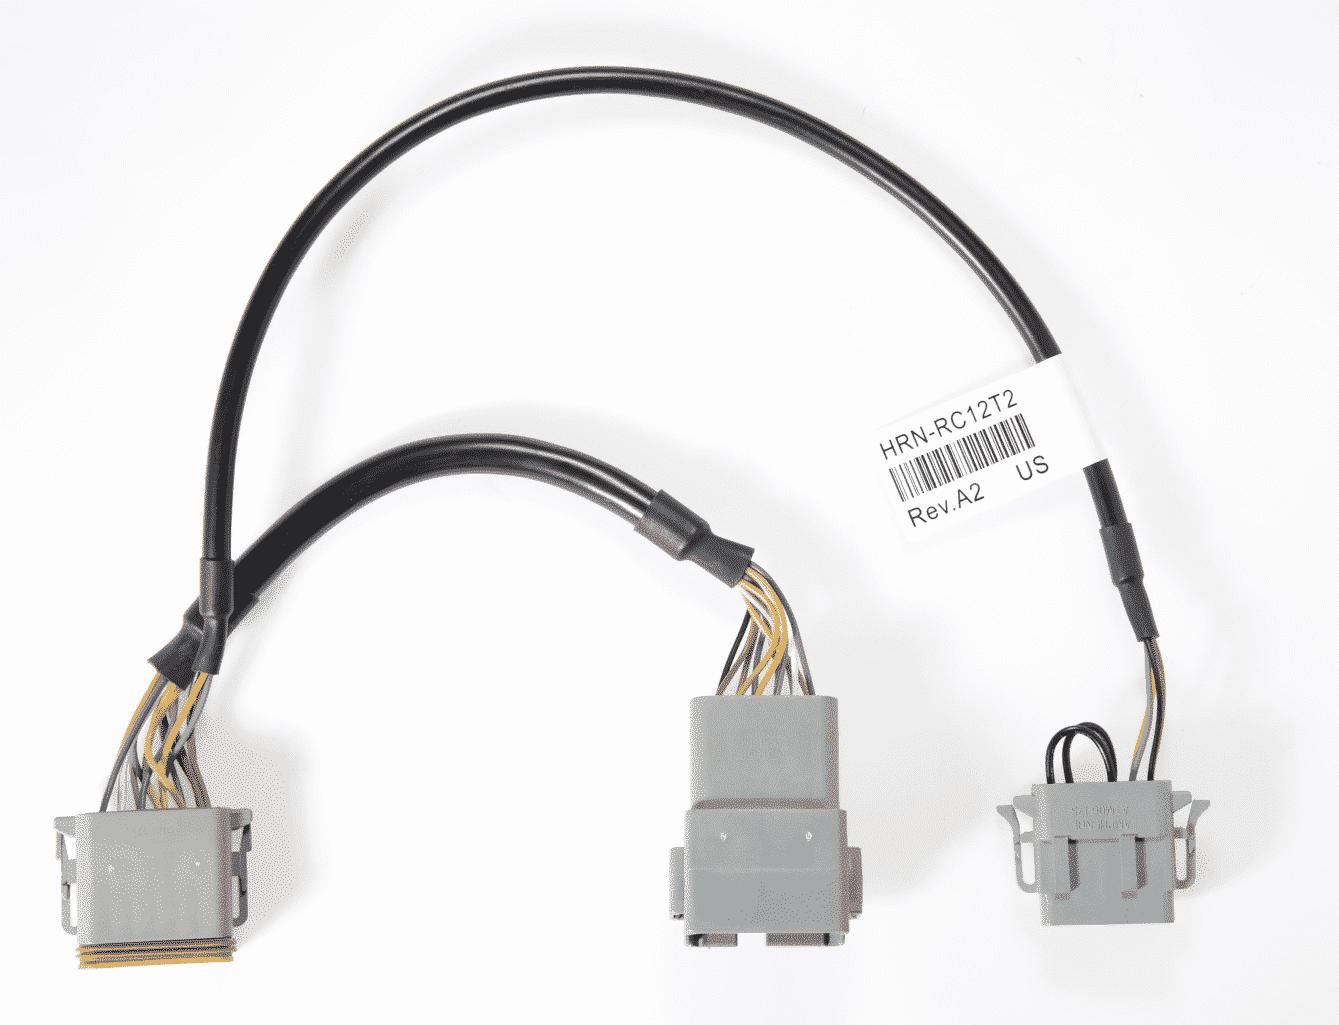 Bild: Geotab HRN-RC12T2 Kabelbaum Adapter 12-Pol. Komatsu ab Bj.2010 spezifischer Kabelbaum für GO RUGGED Geräte